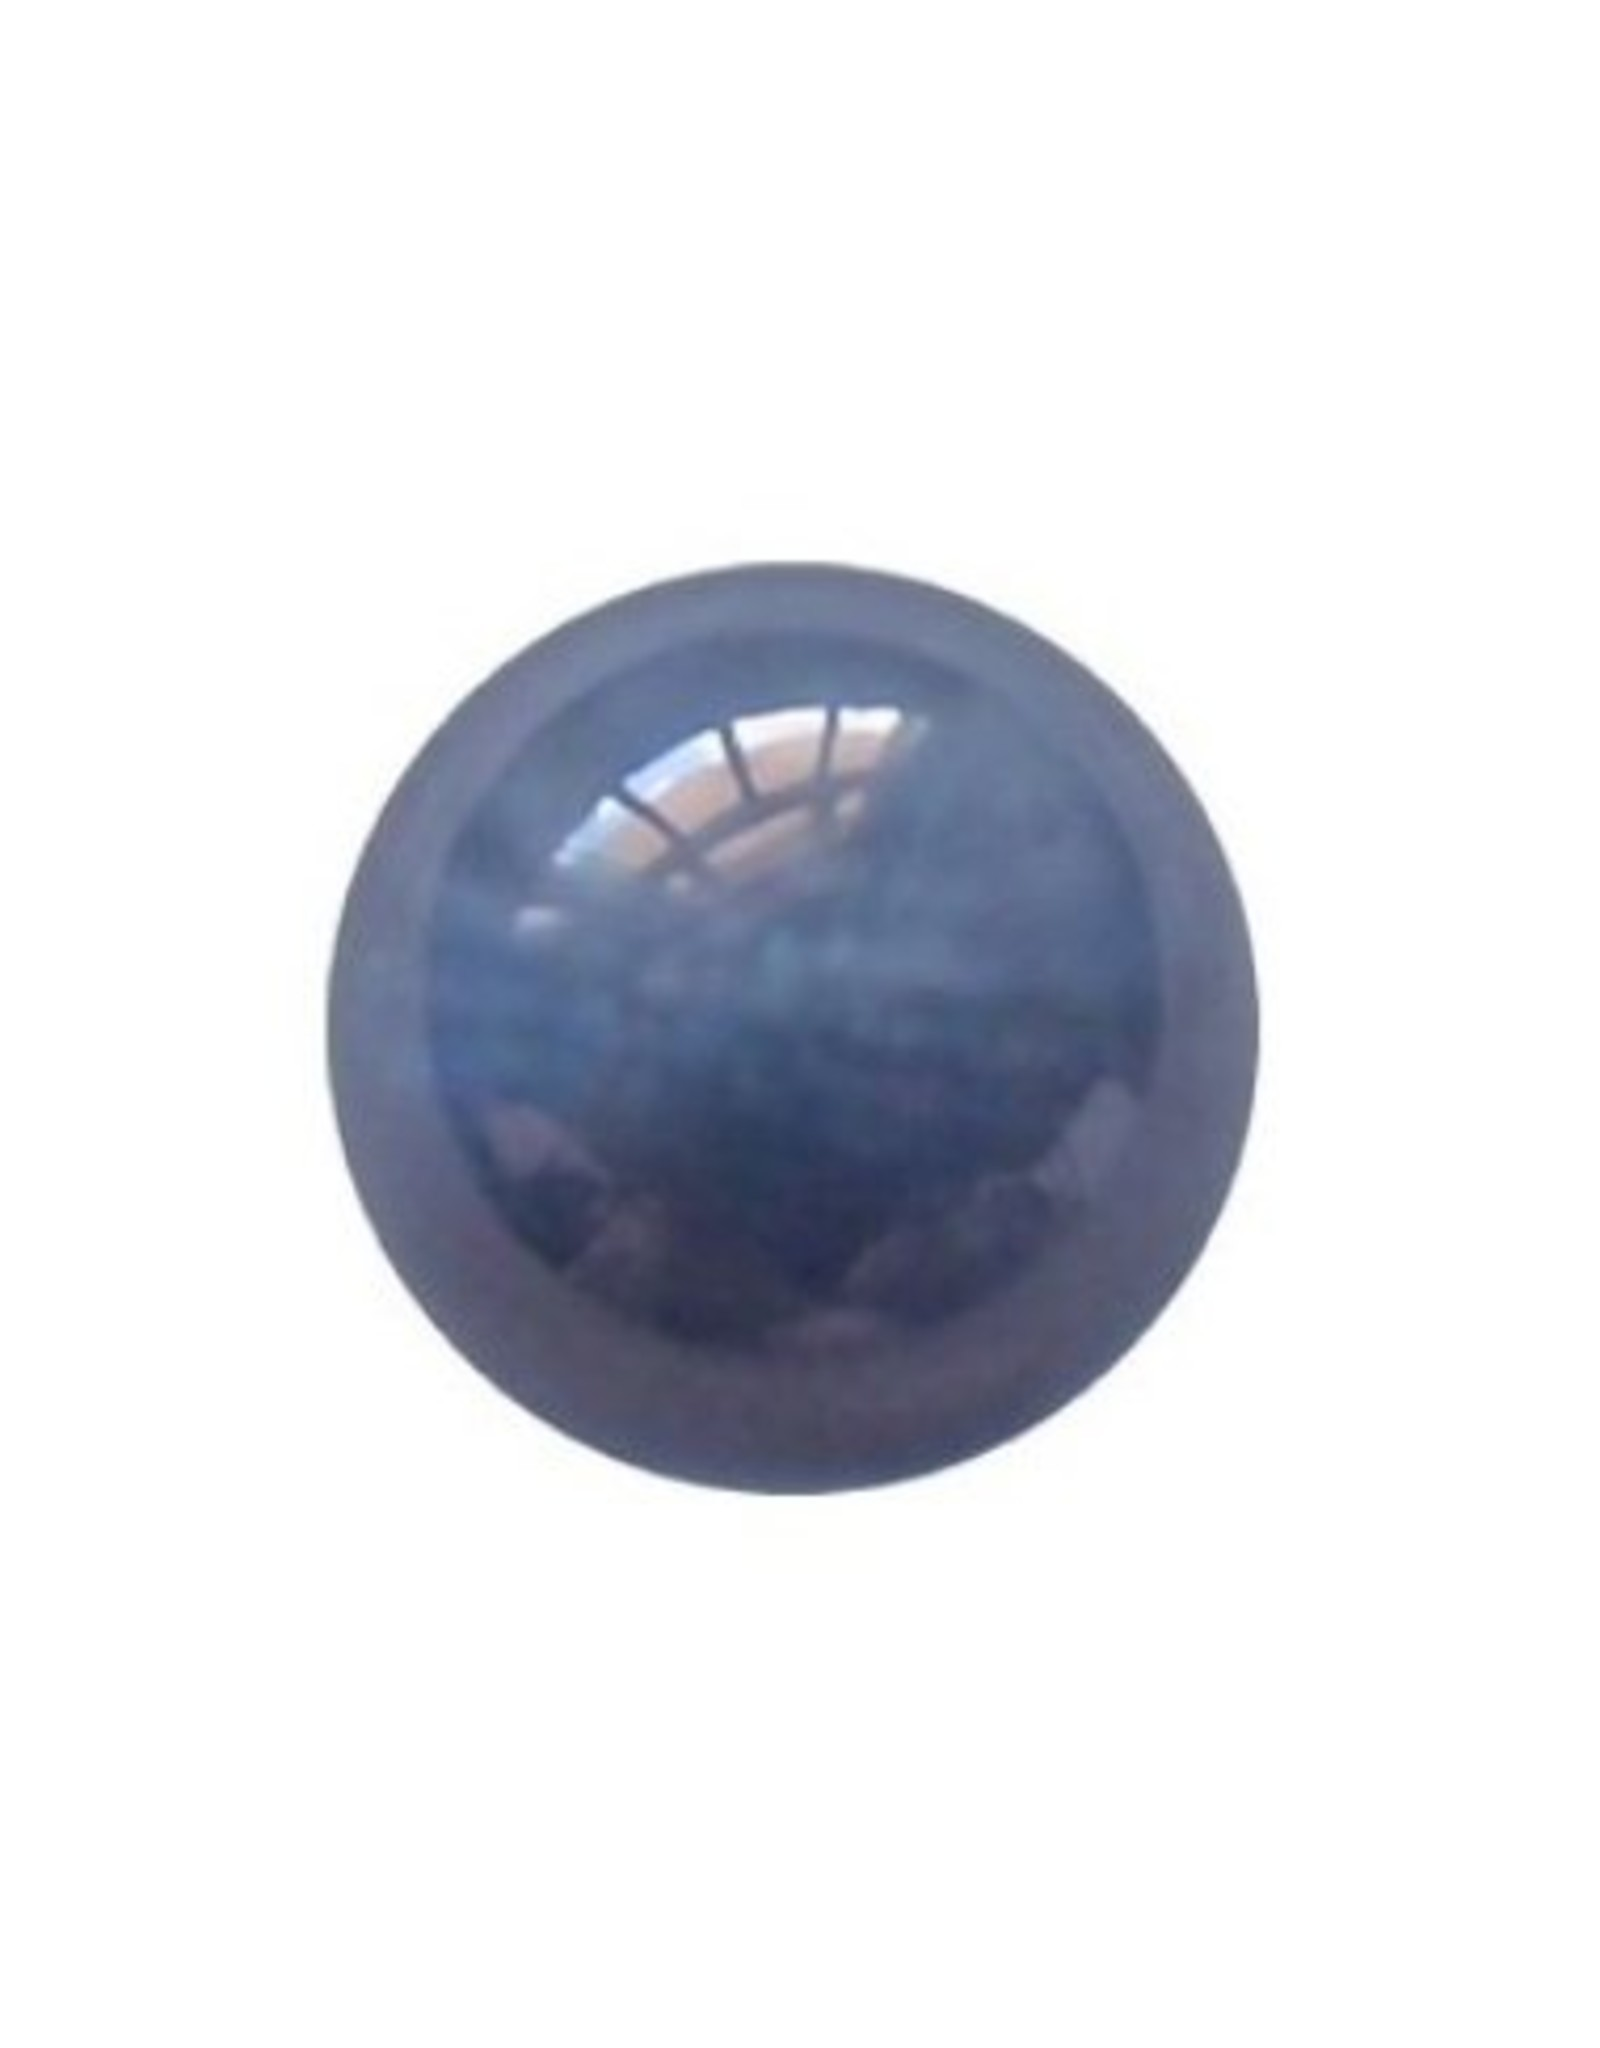 Wisselsteen Cosmo Aura 10 mm